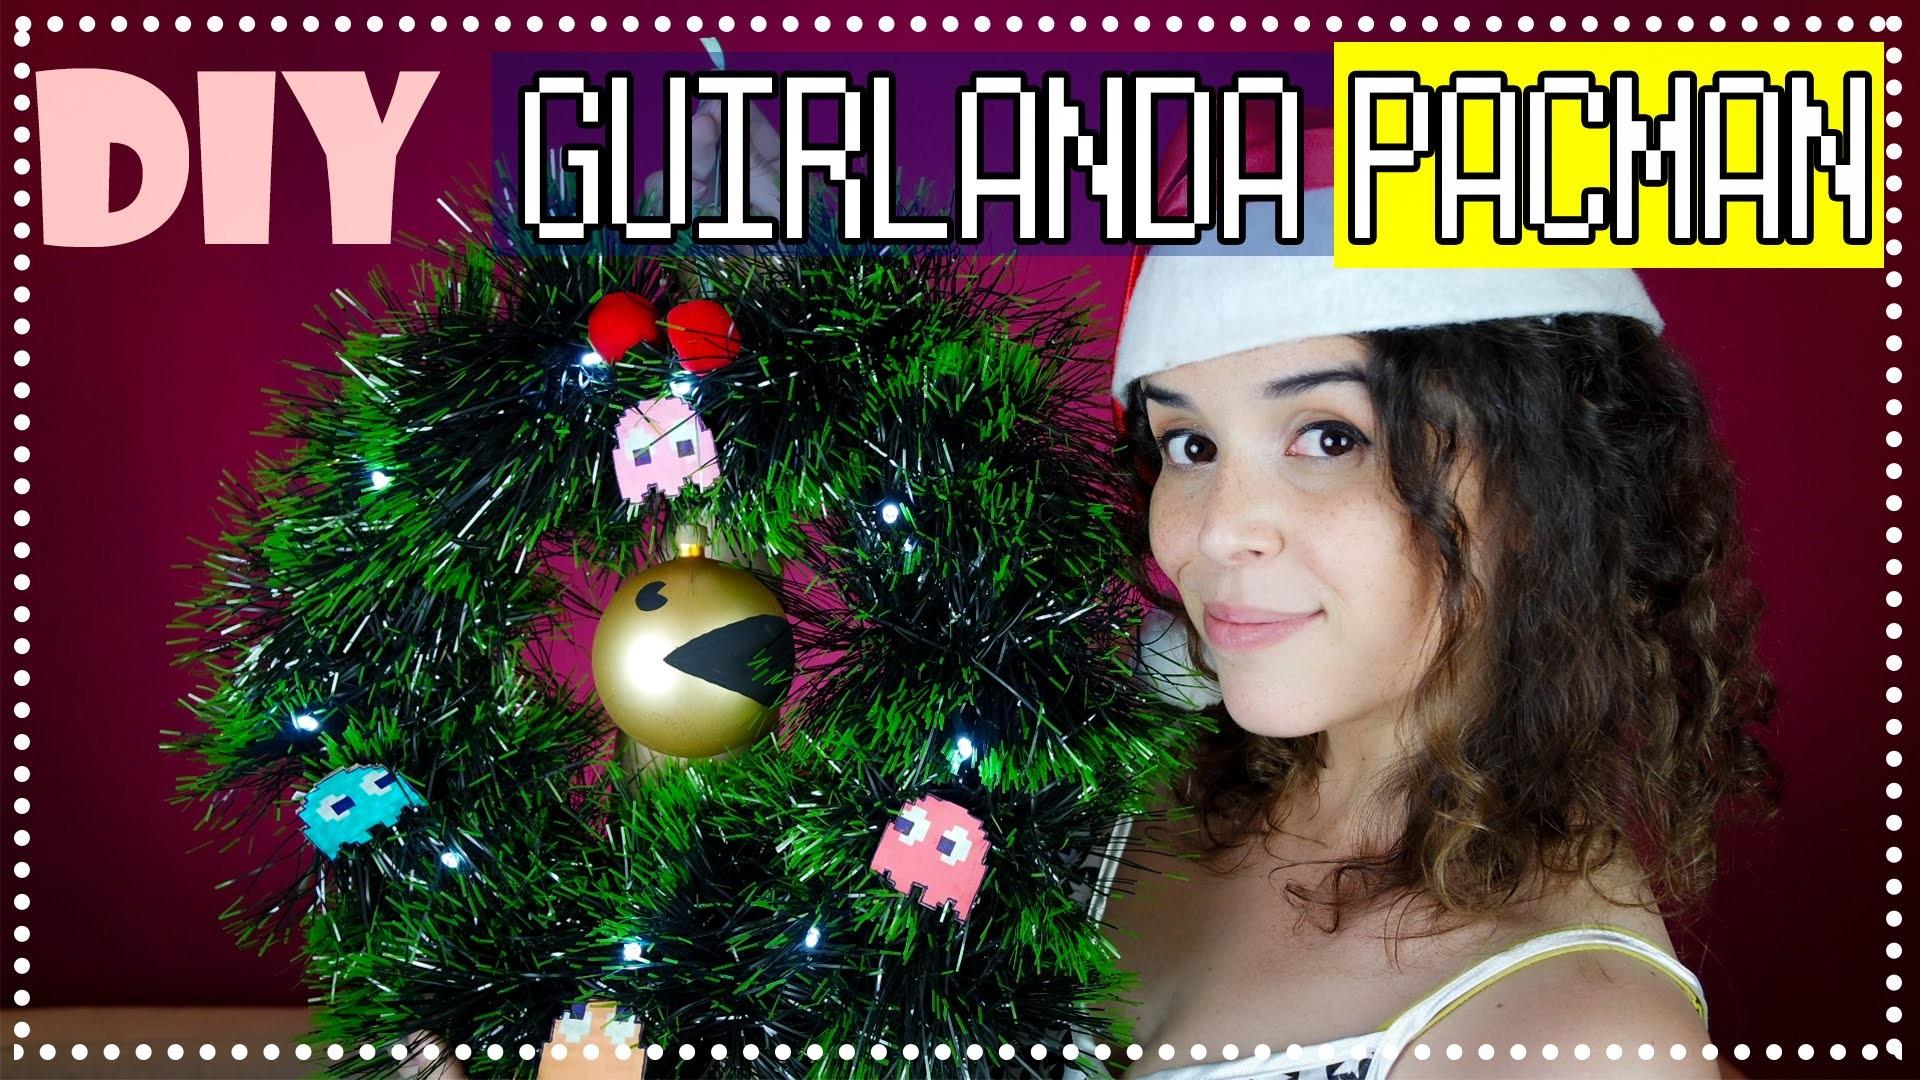 DIY Guirlanda Pacman - Decor de Natal | Keityland